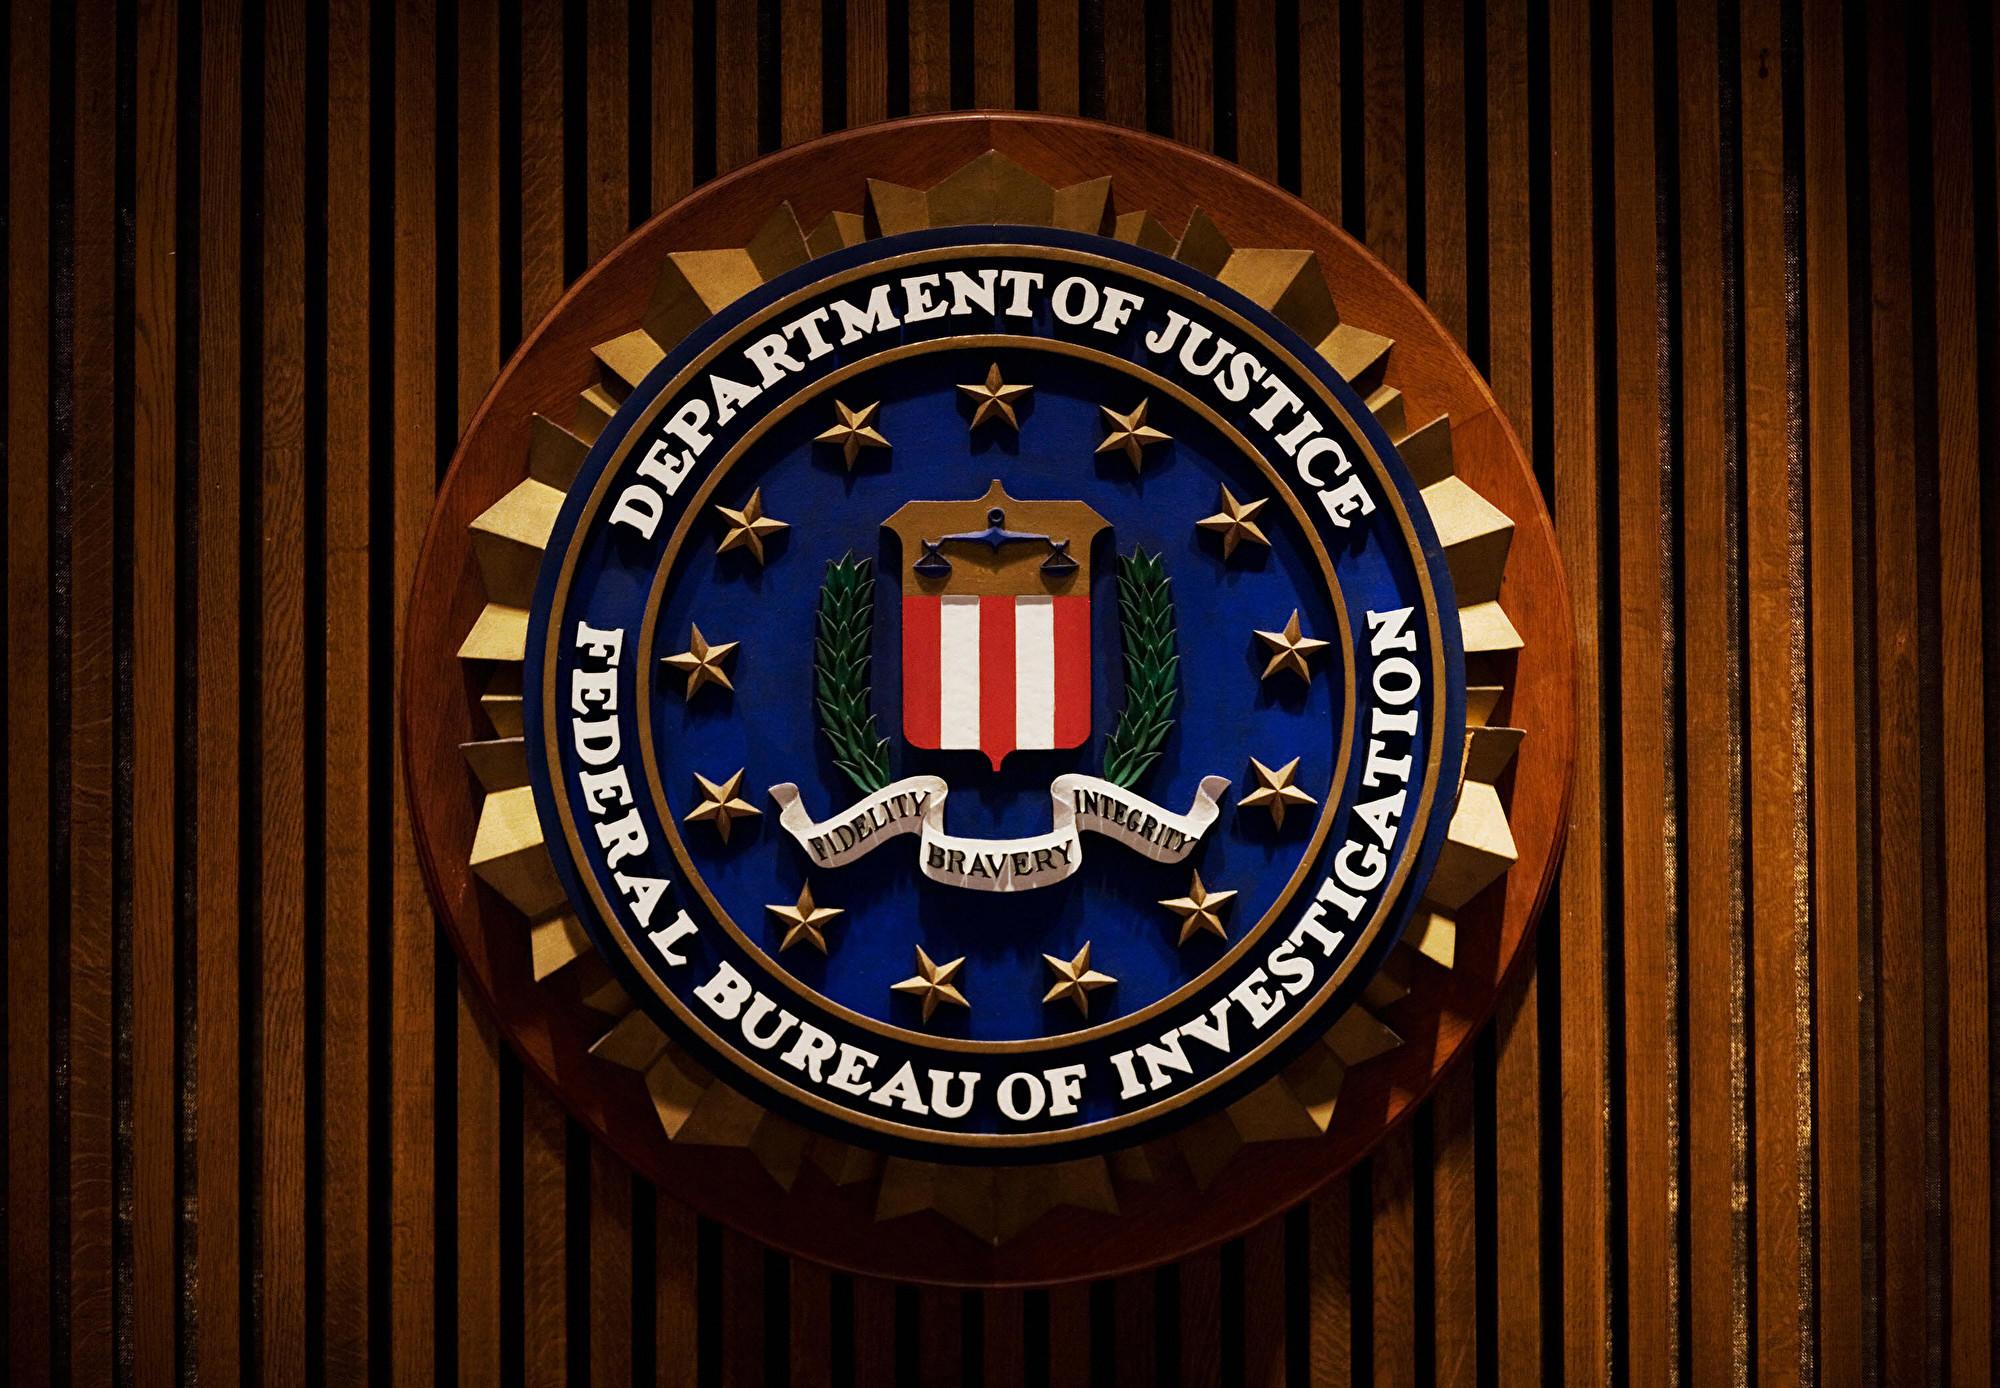 隱瞞參與千人計劃 美華裔專家涉欺詐被捕